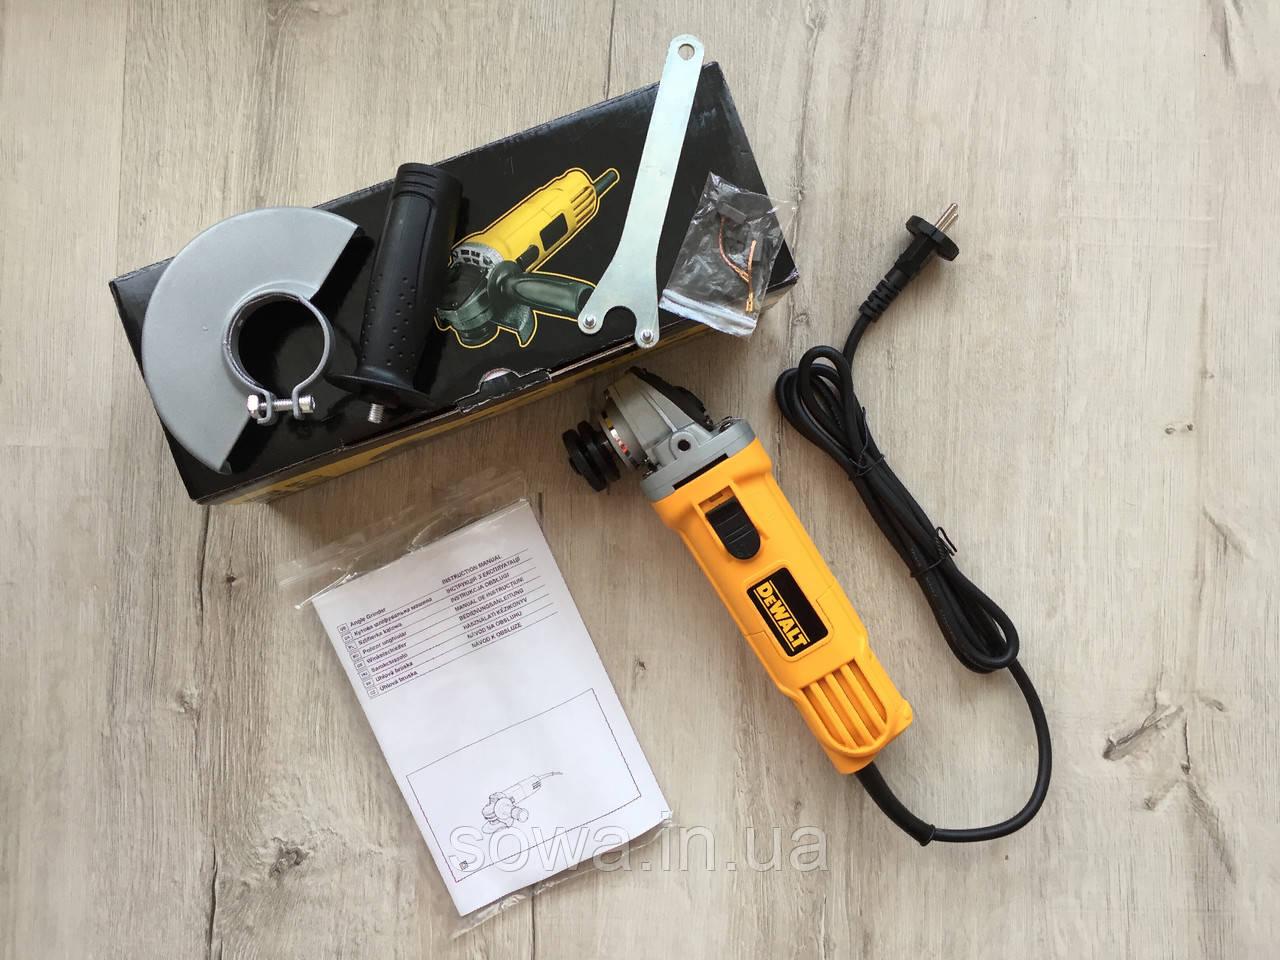 ✔️ Болгарка, ушм DeWALT - DWE4157 ( 125 мм, 900 Вт )  + ПОДАРОК